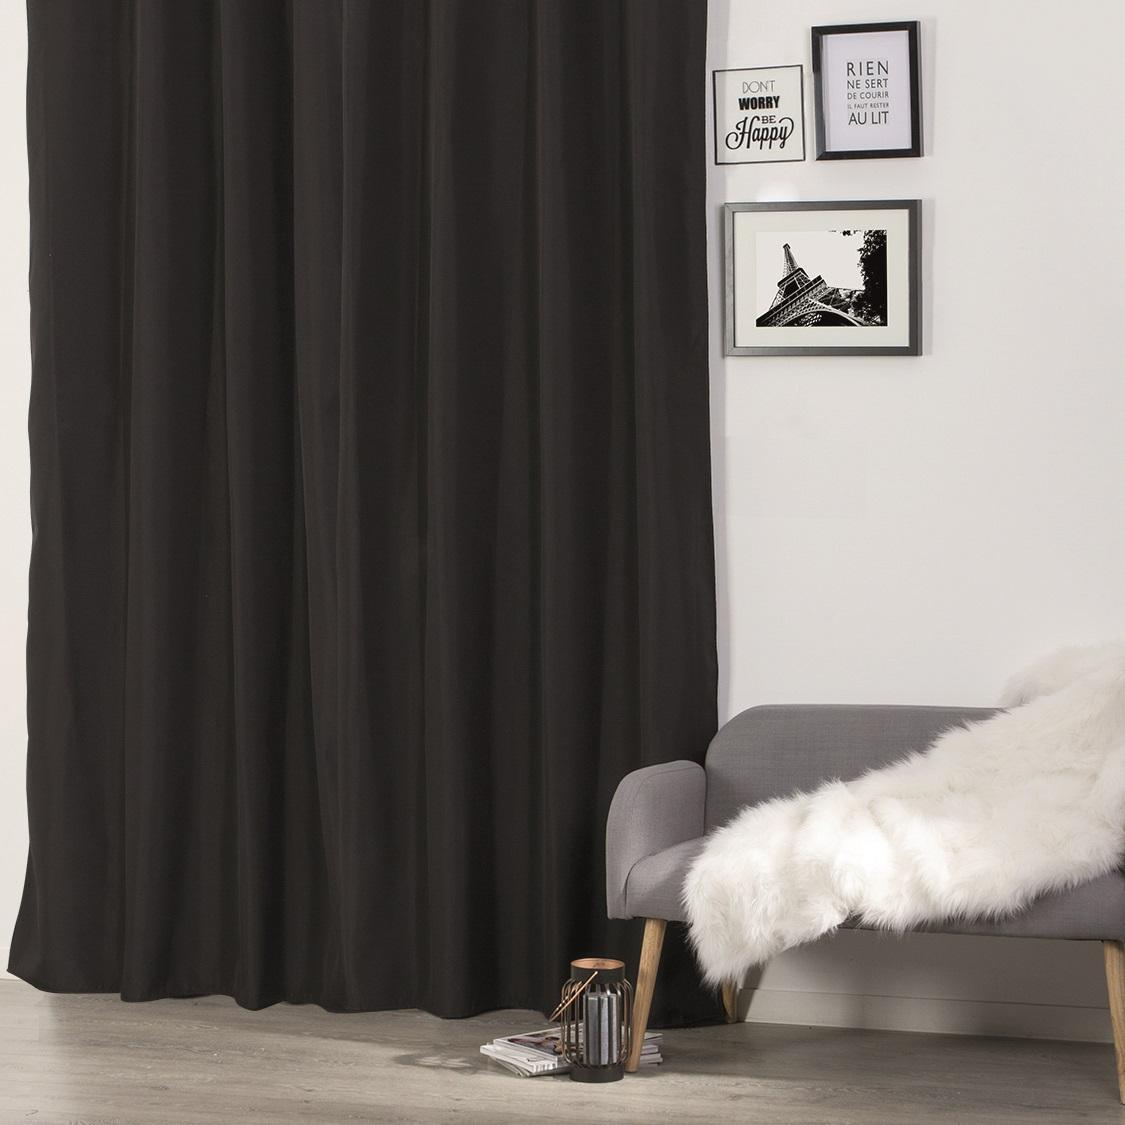 rideau isolant uni oeillets noir ivoire rouge taupe gris homemaison vente en. Black Bedroom Furniture Sets. Home Design Ideas